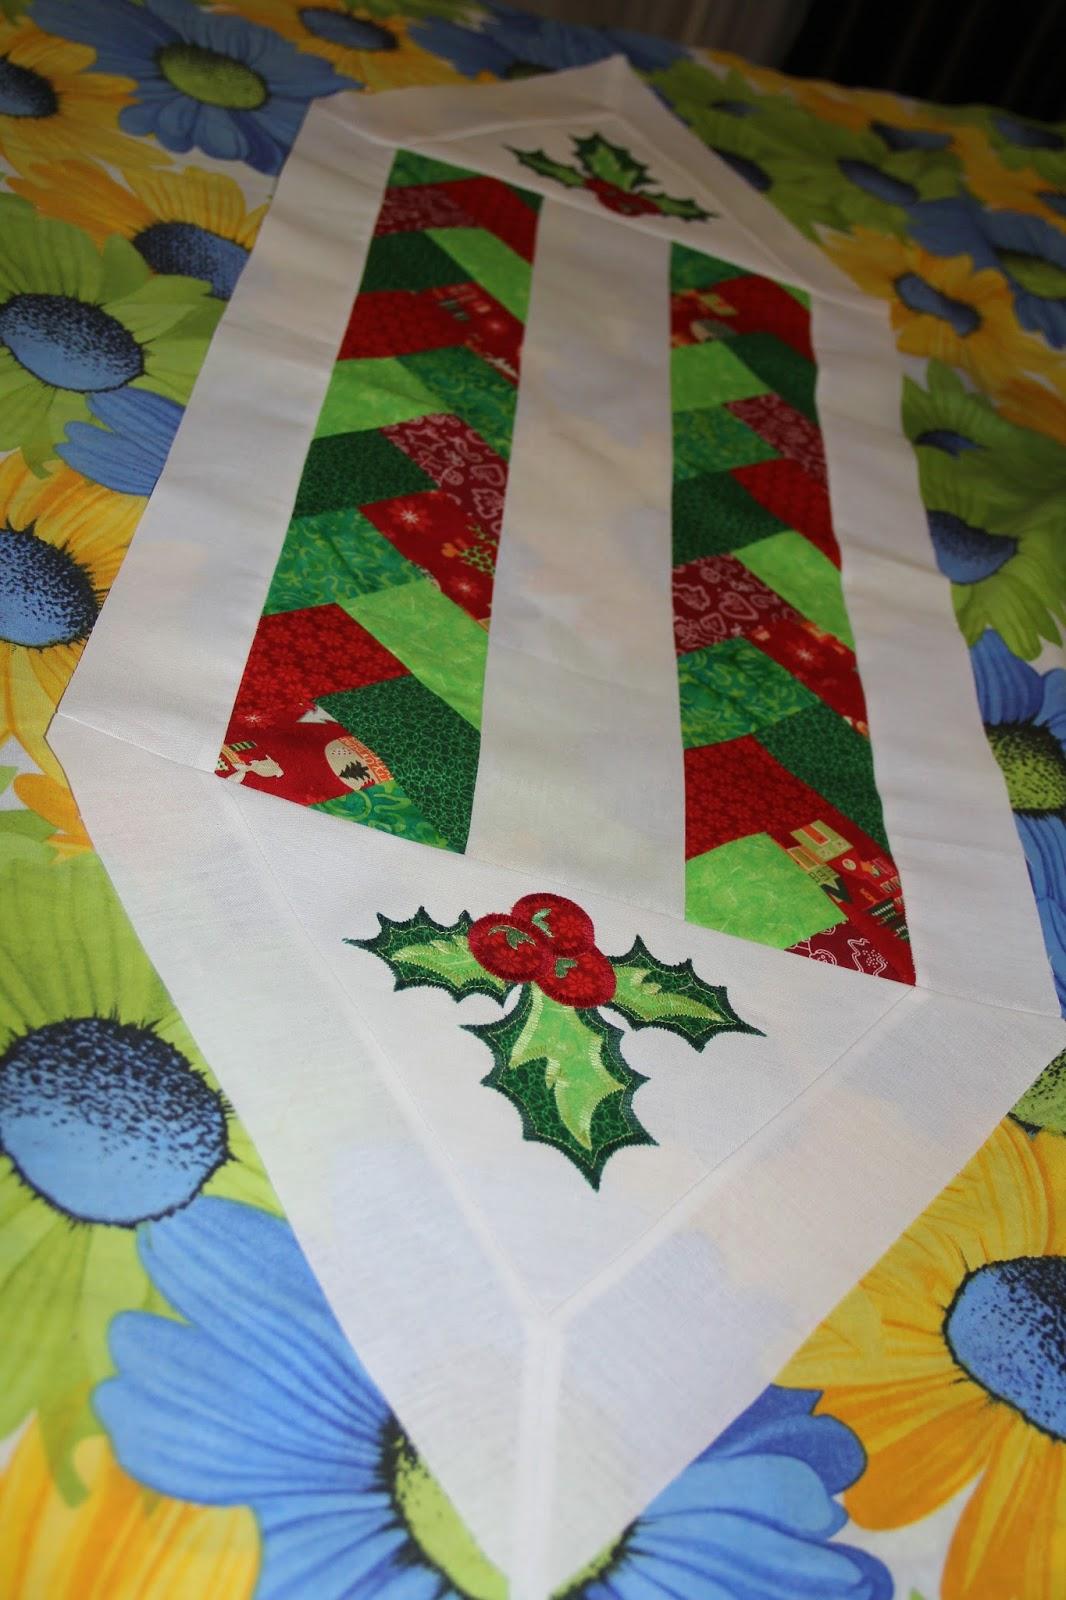 рождественская дорожка, скатерть праздничная, новый год, рождество